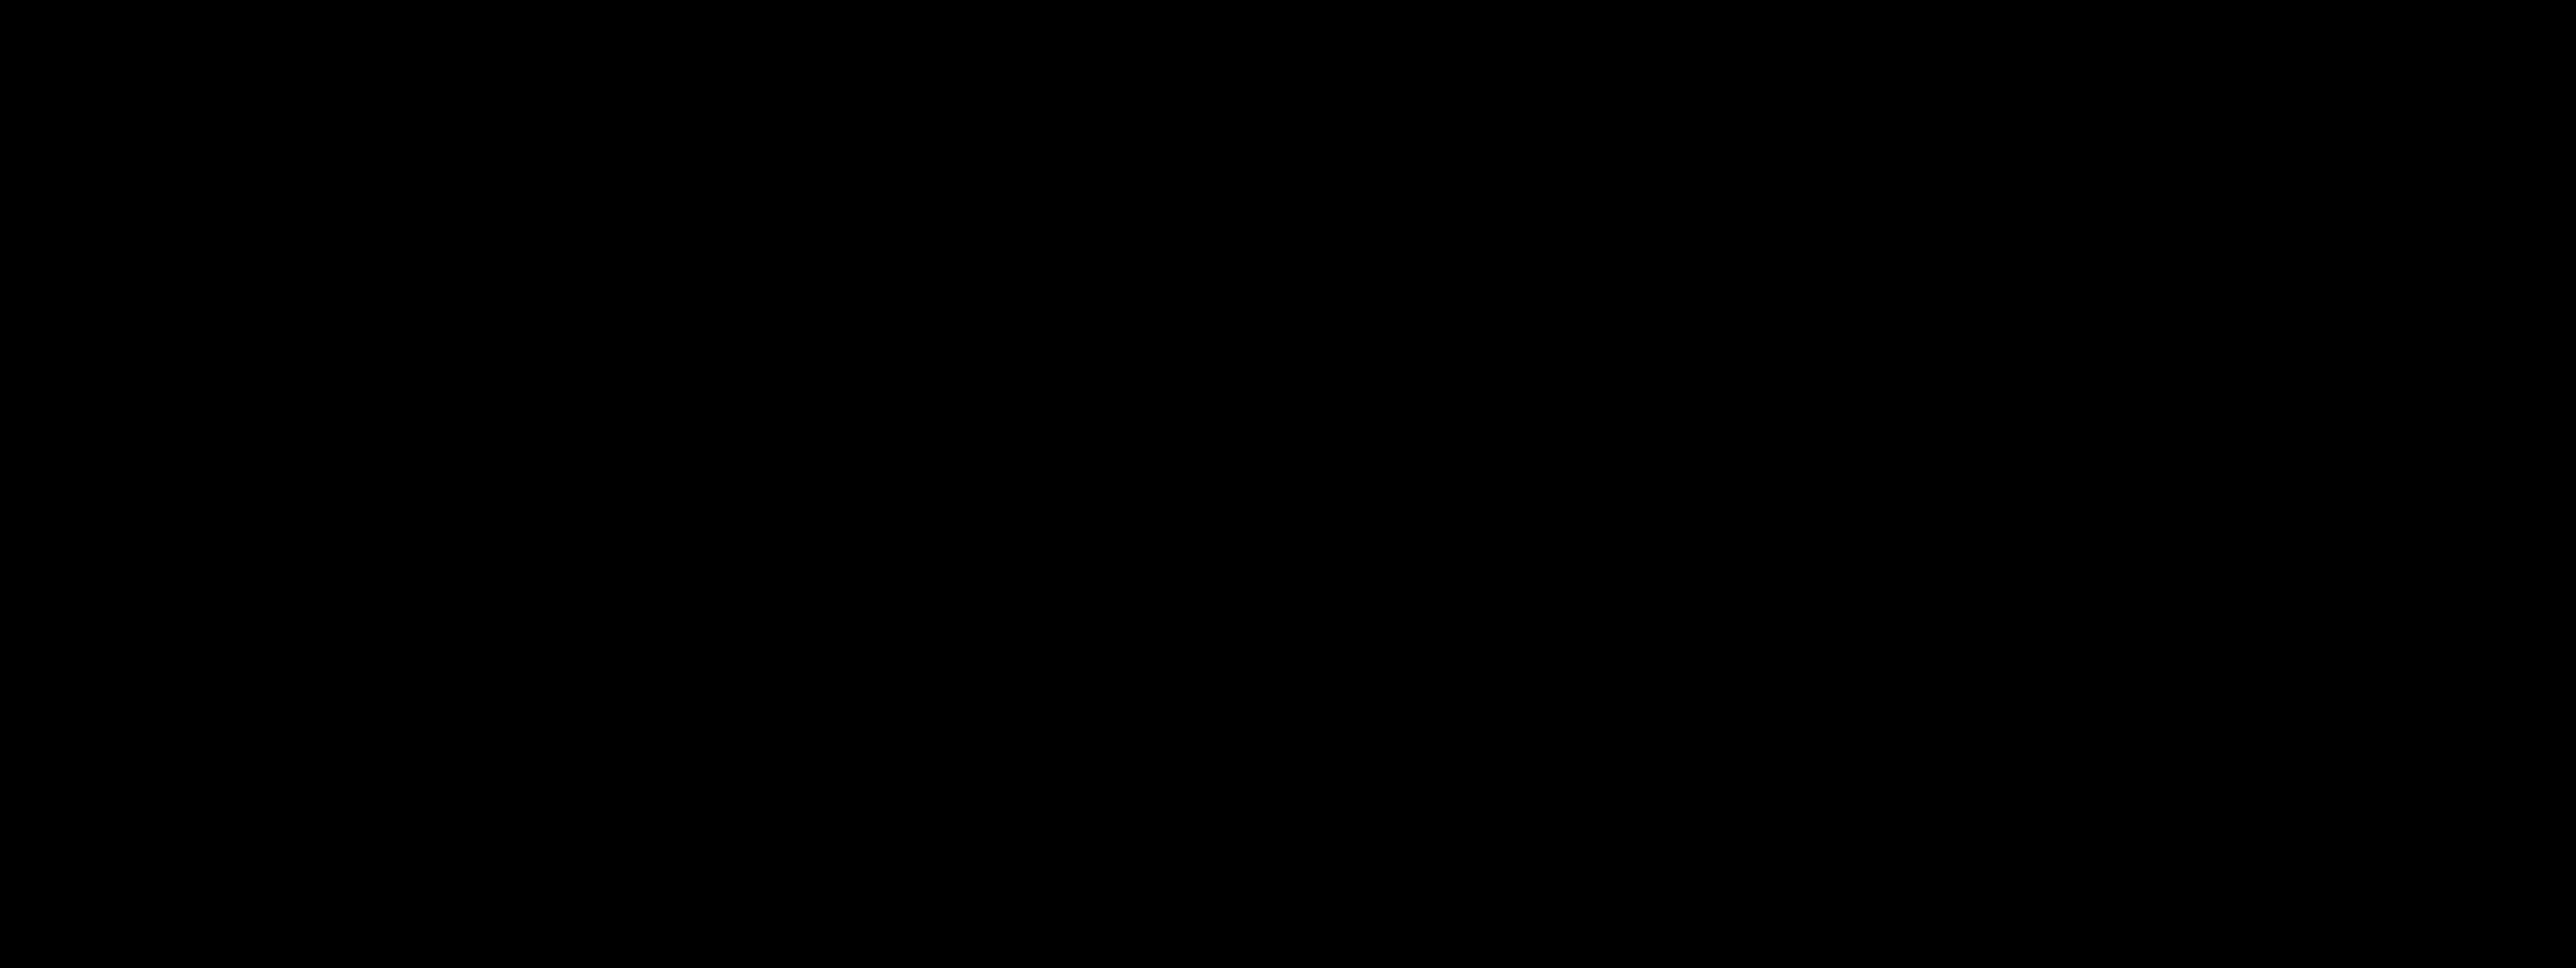 bts logo 1 - BTS Logo